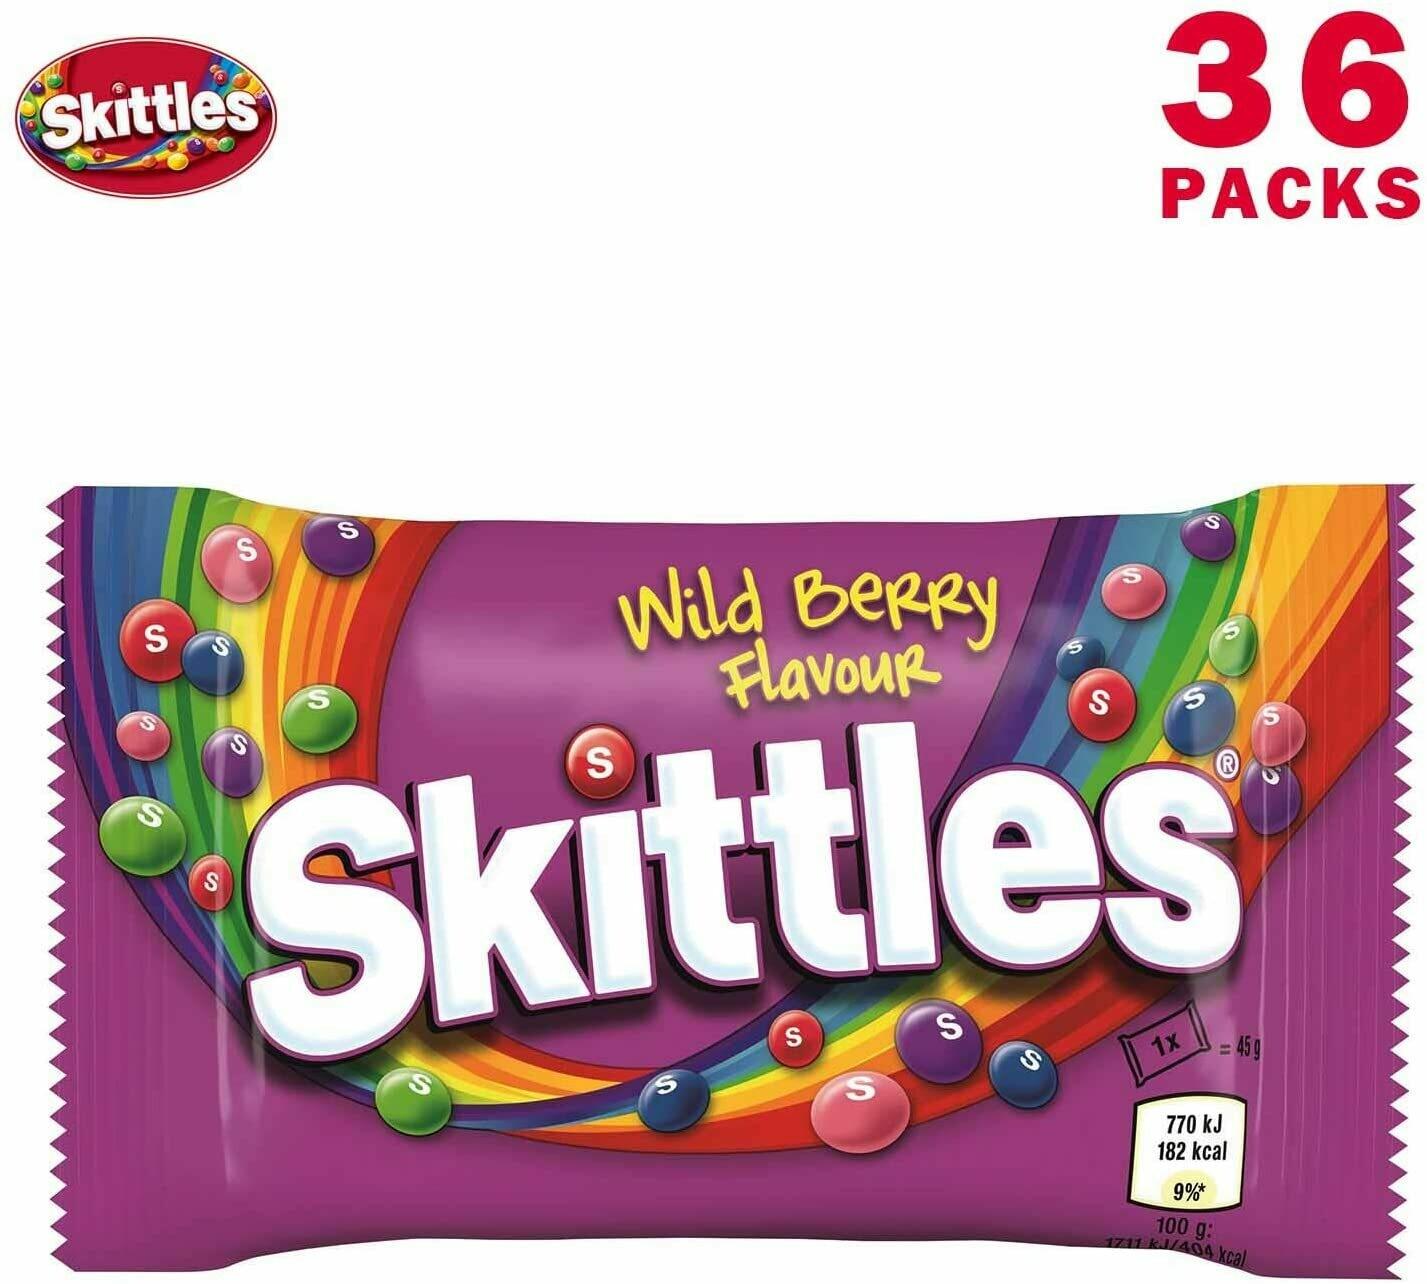 Skittles Wild Berry 45g (36 Pack)